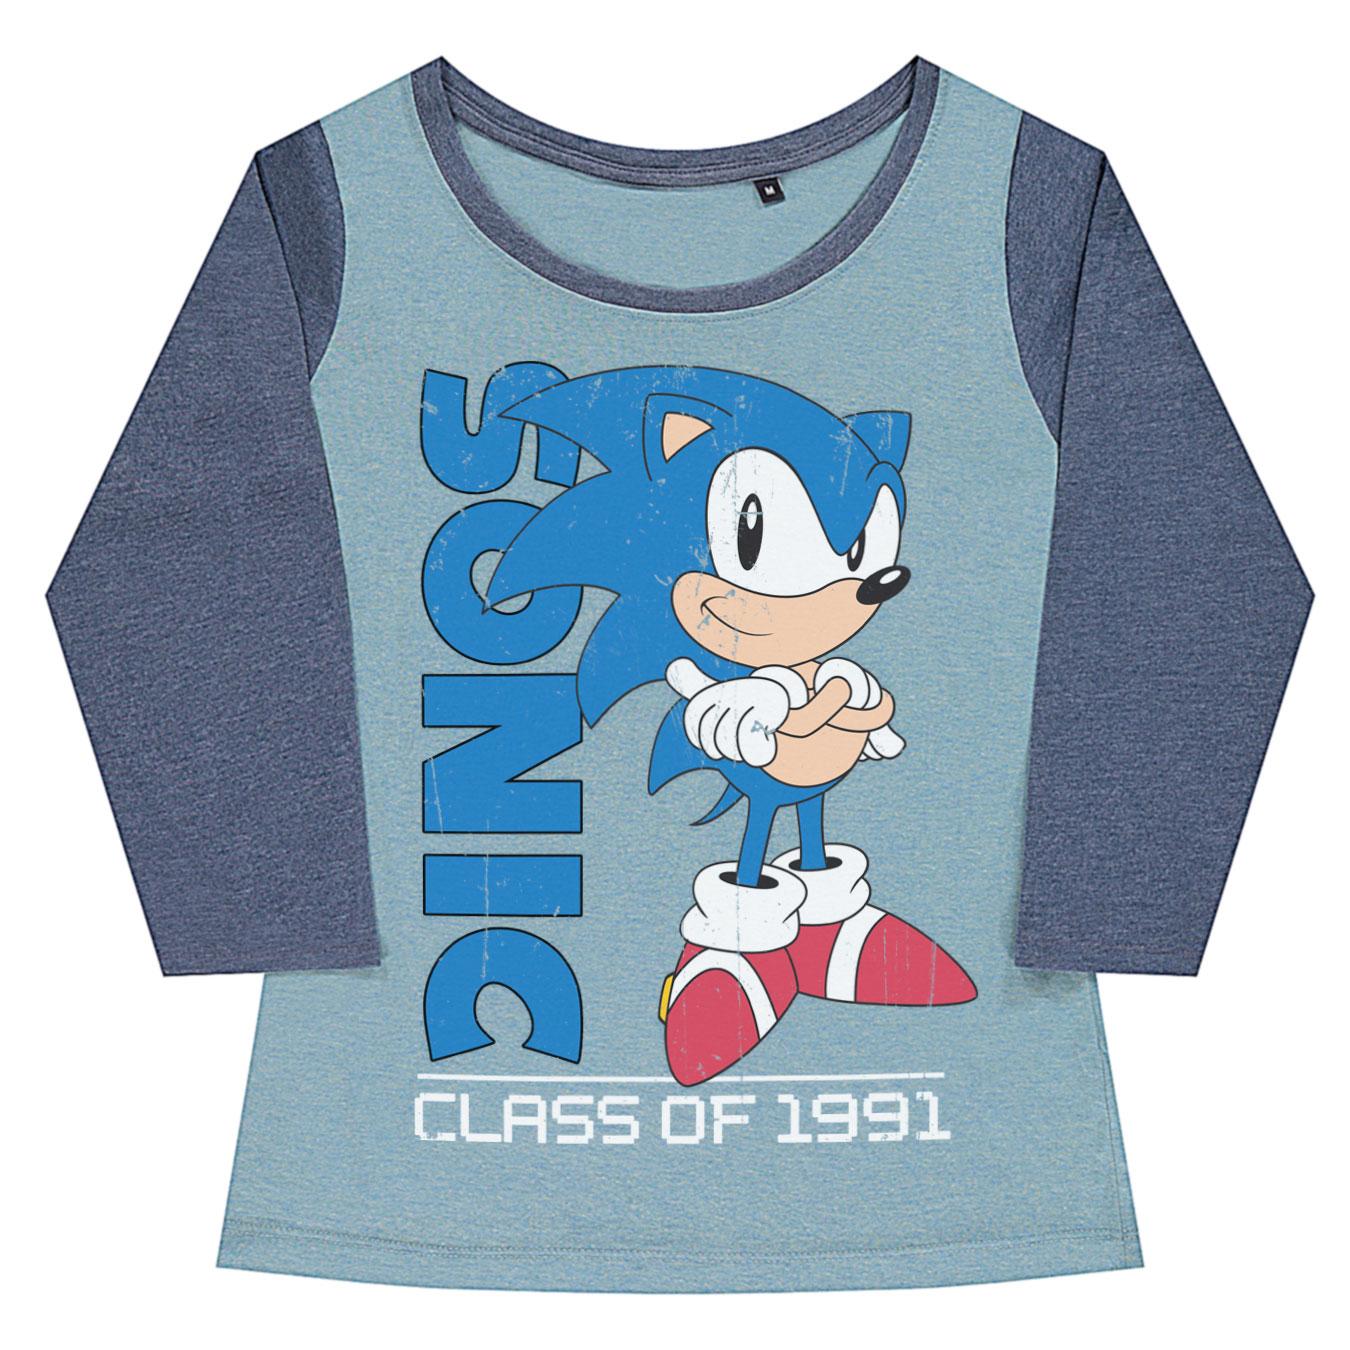 SEG-59-SON002-SD